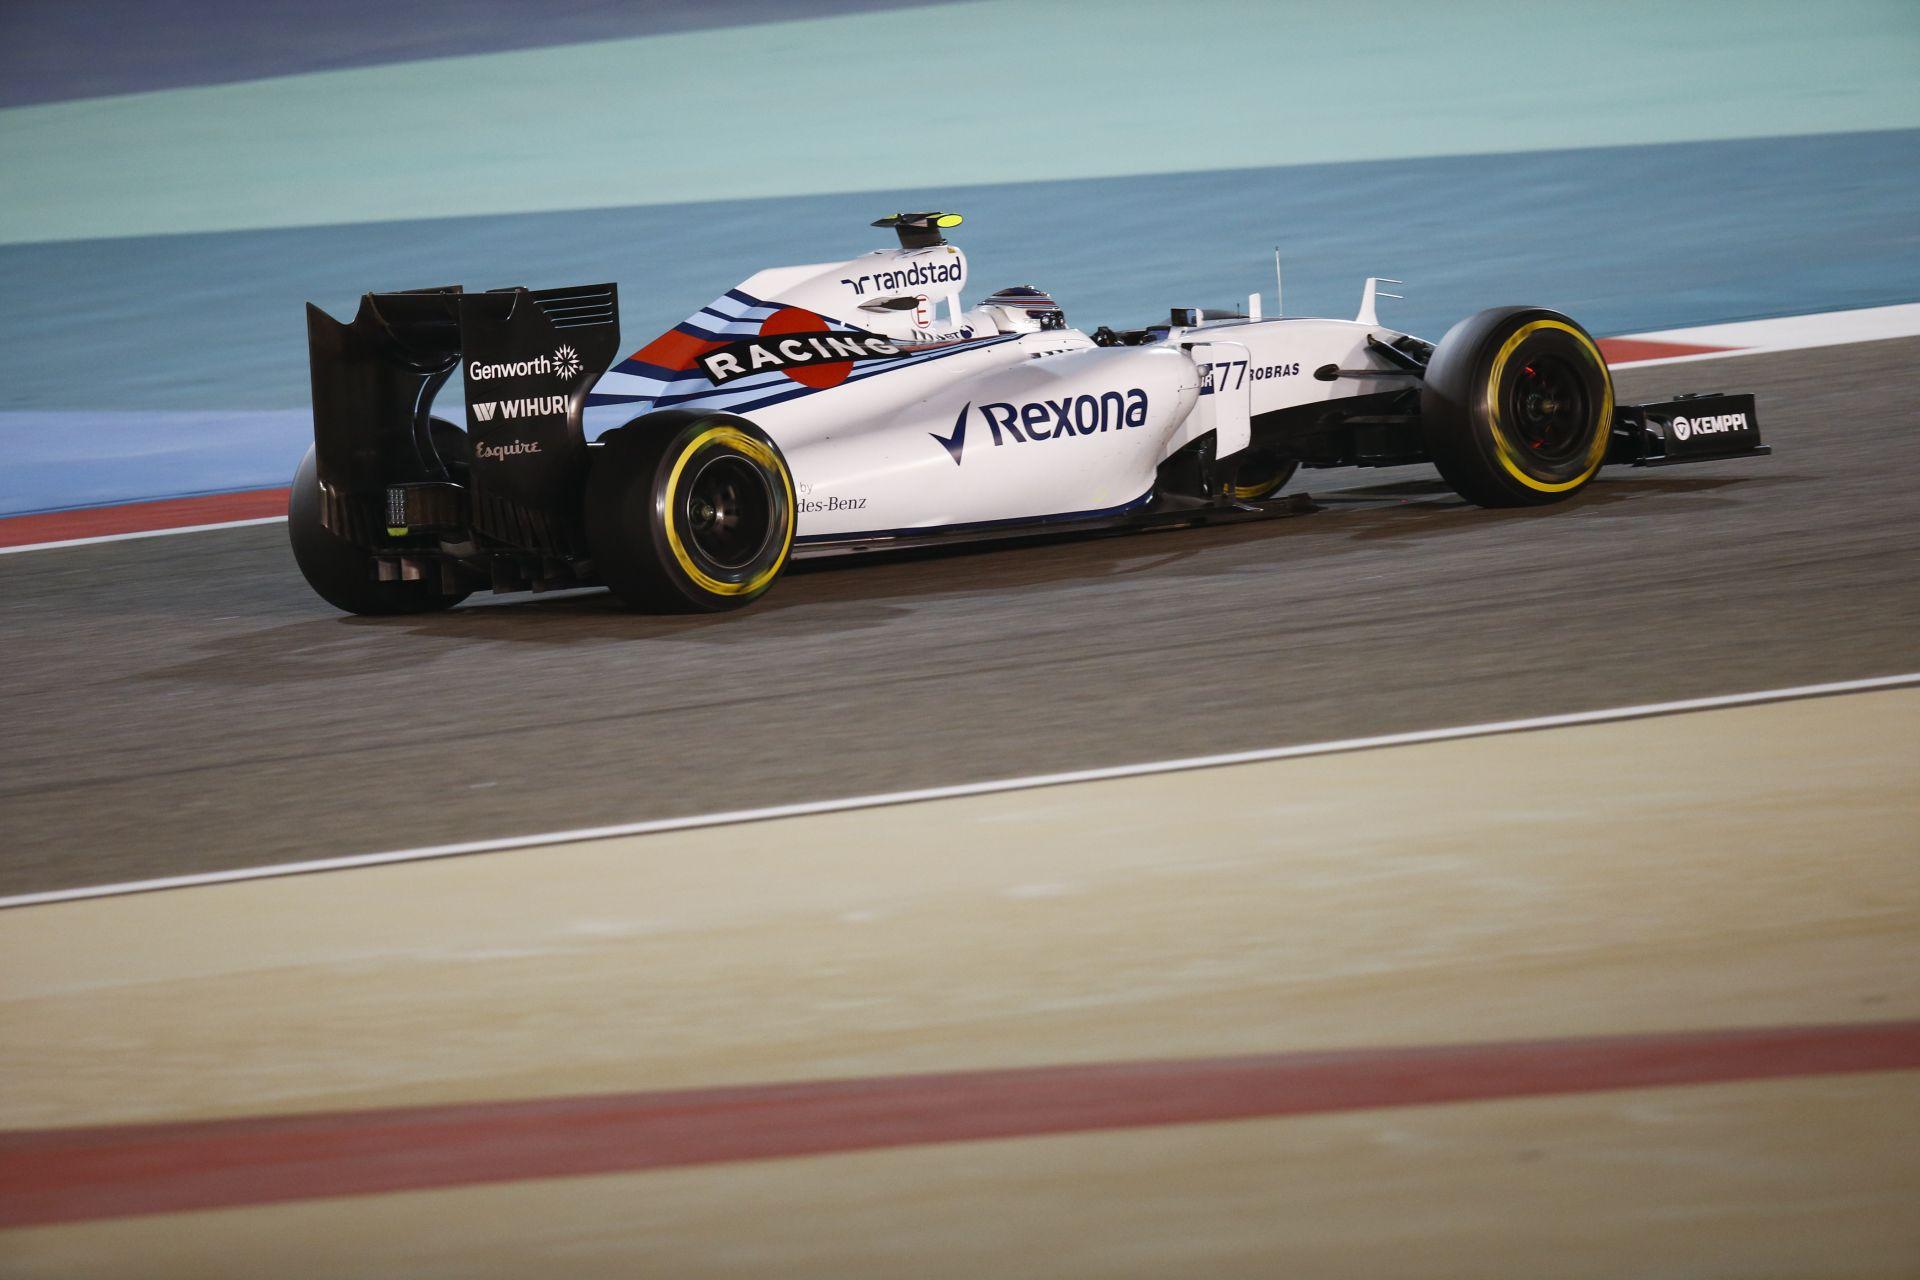 A Williams ma minden feladatot a tervek szerint kipipált Spanyolországban